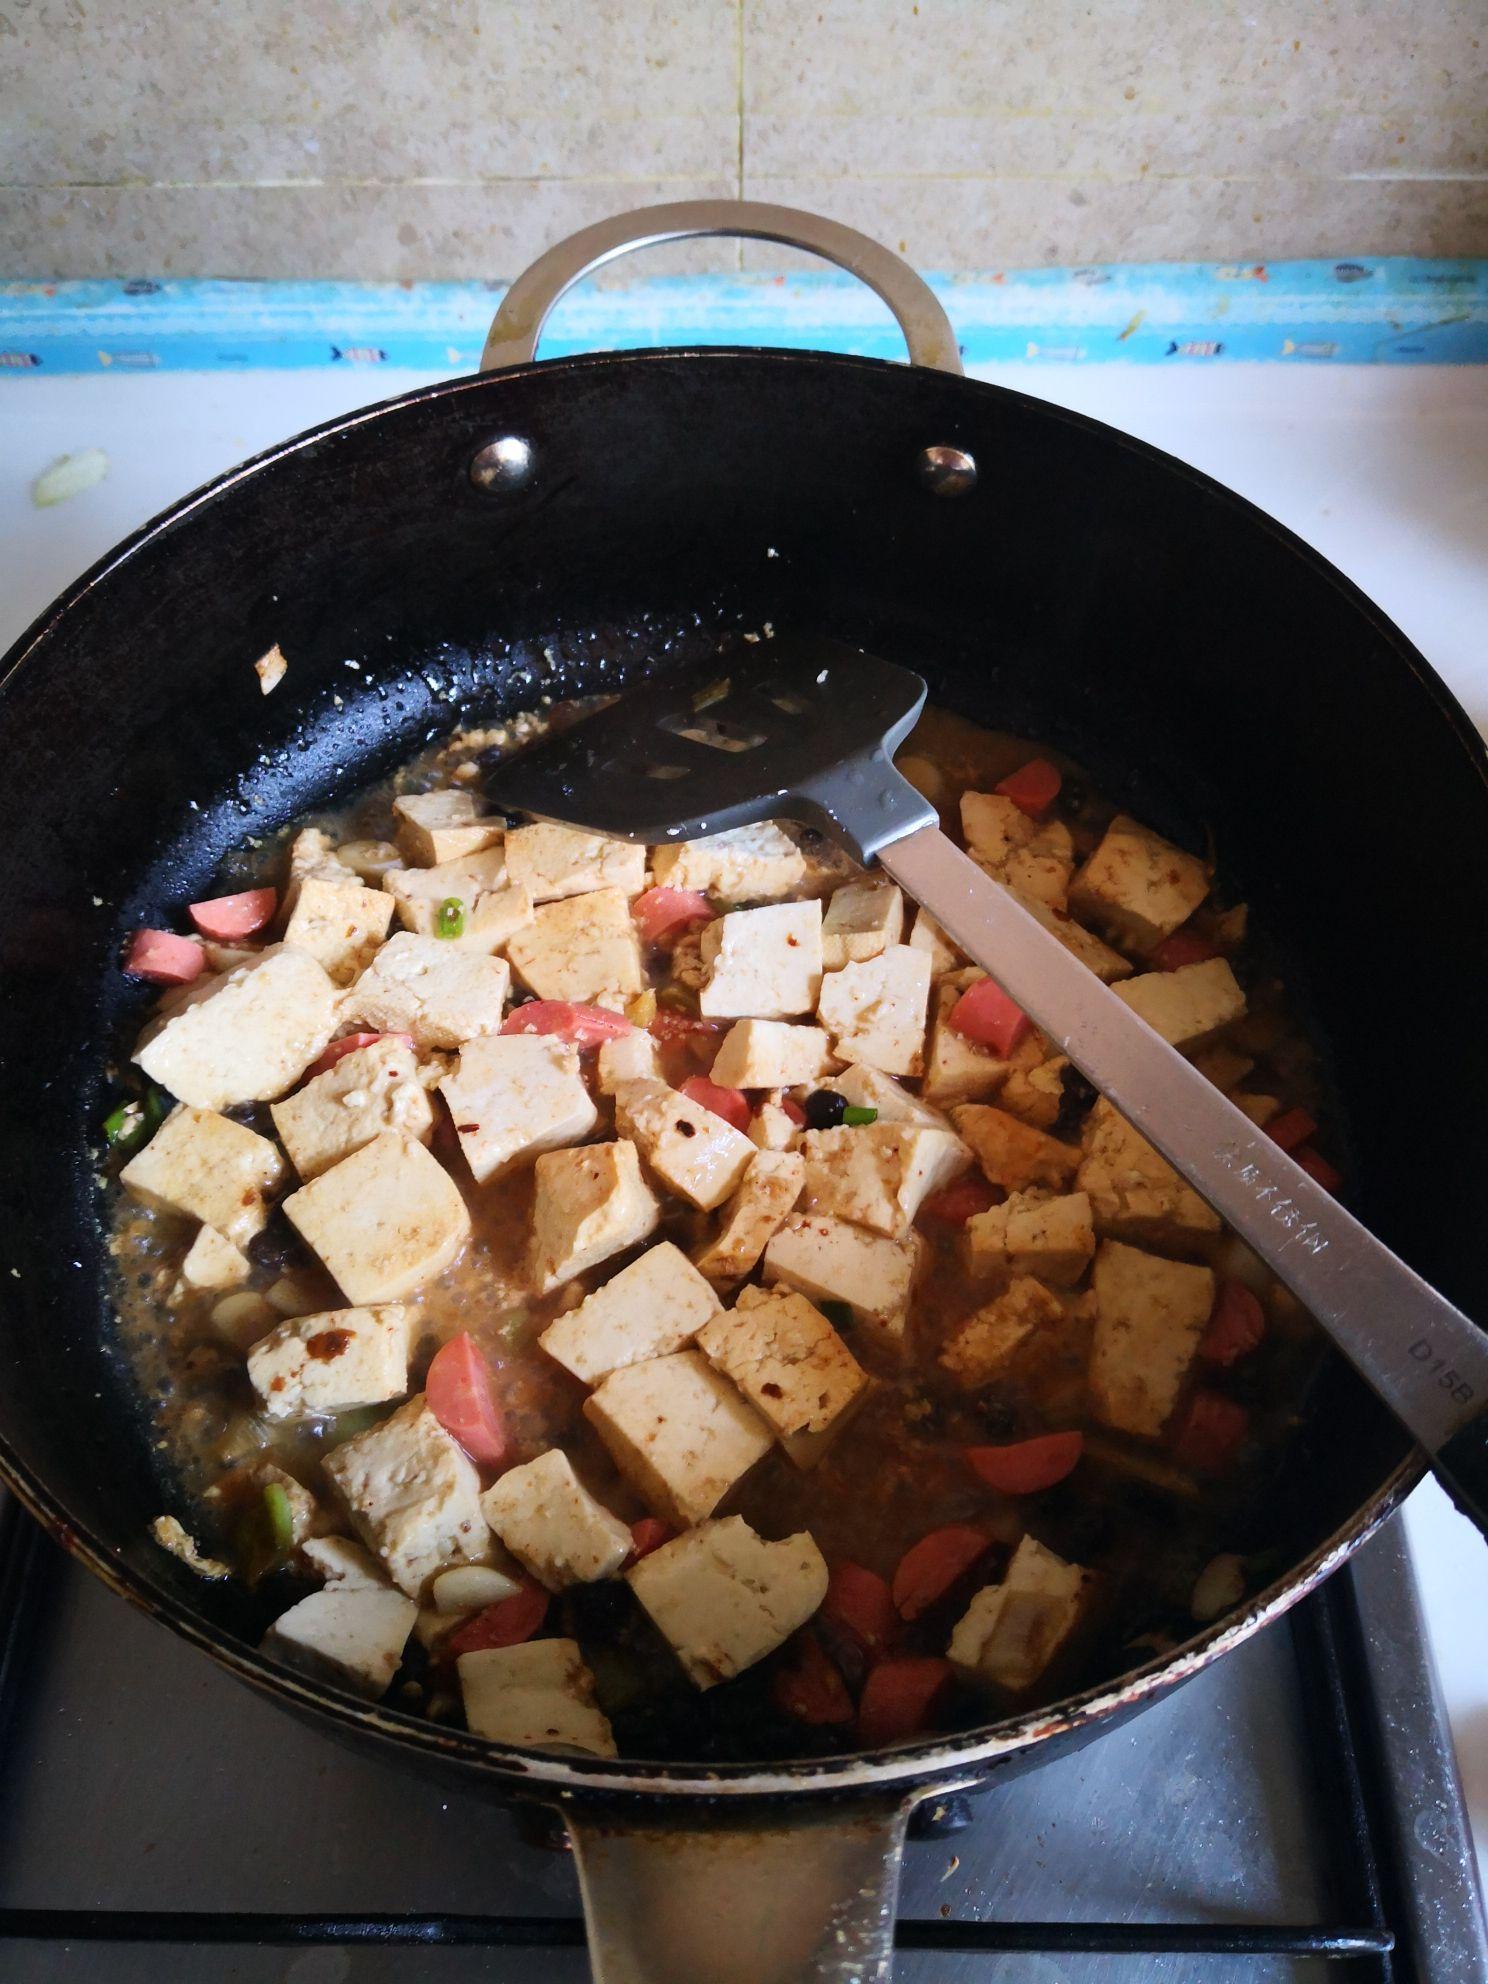 火腿肠炒豆腐怎么煮